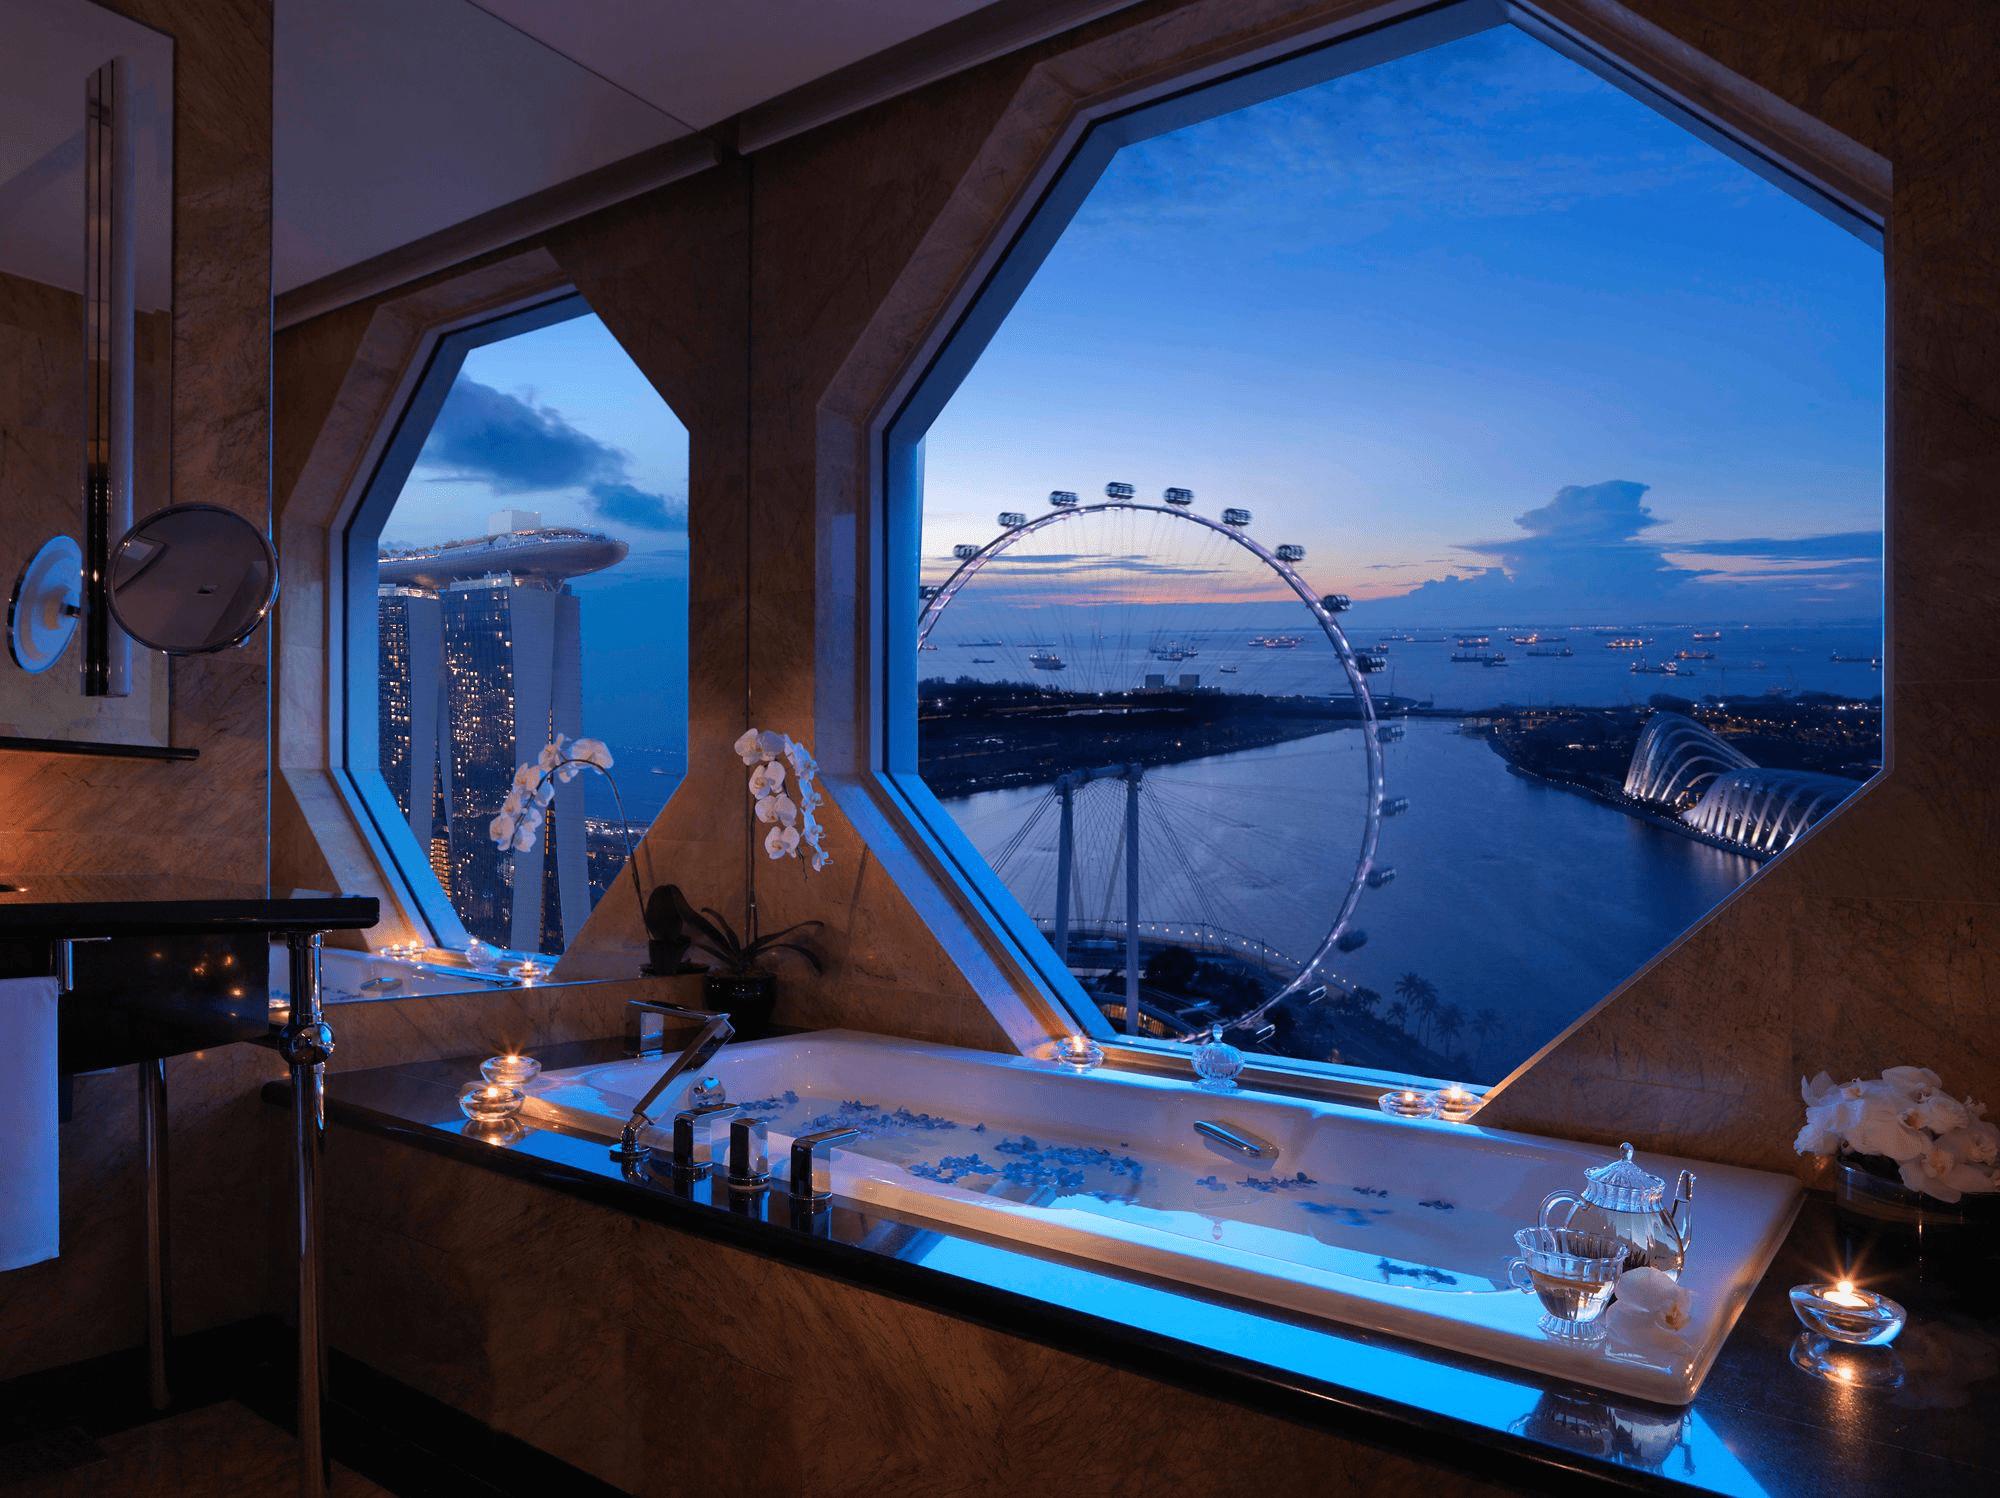 Hotel Staycation Bathtub - Ritz Carlton